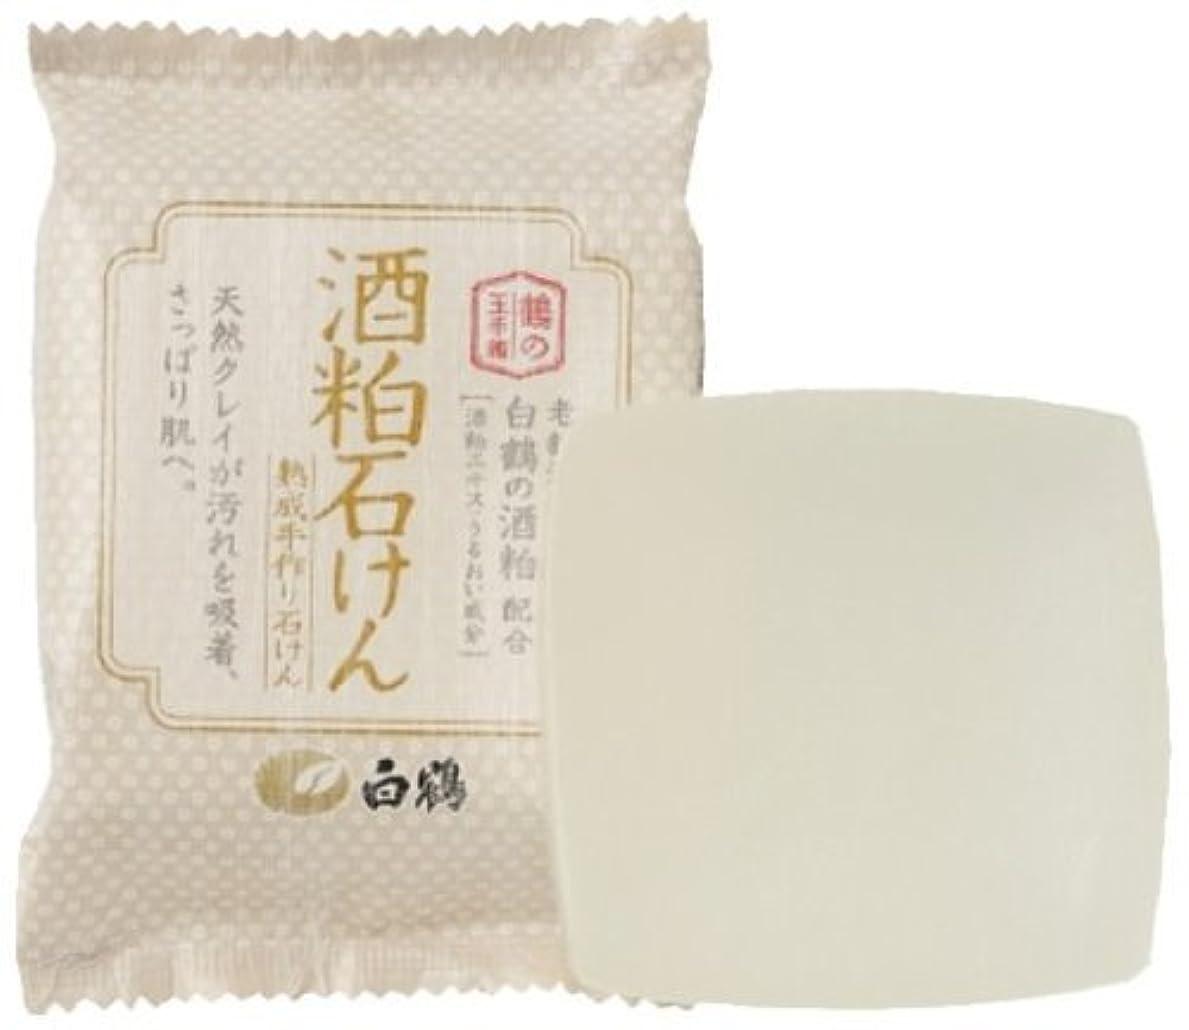 起きろ平野財産白鶴 鶴の玉手箱 酒粕石けん 100g × 10個